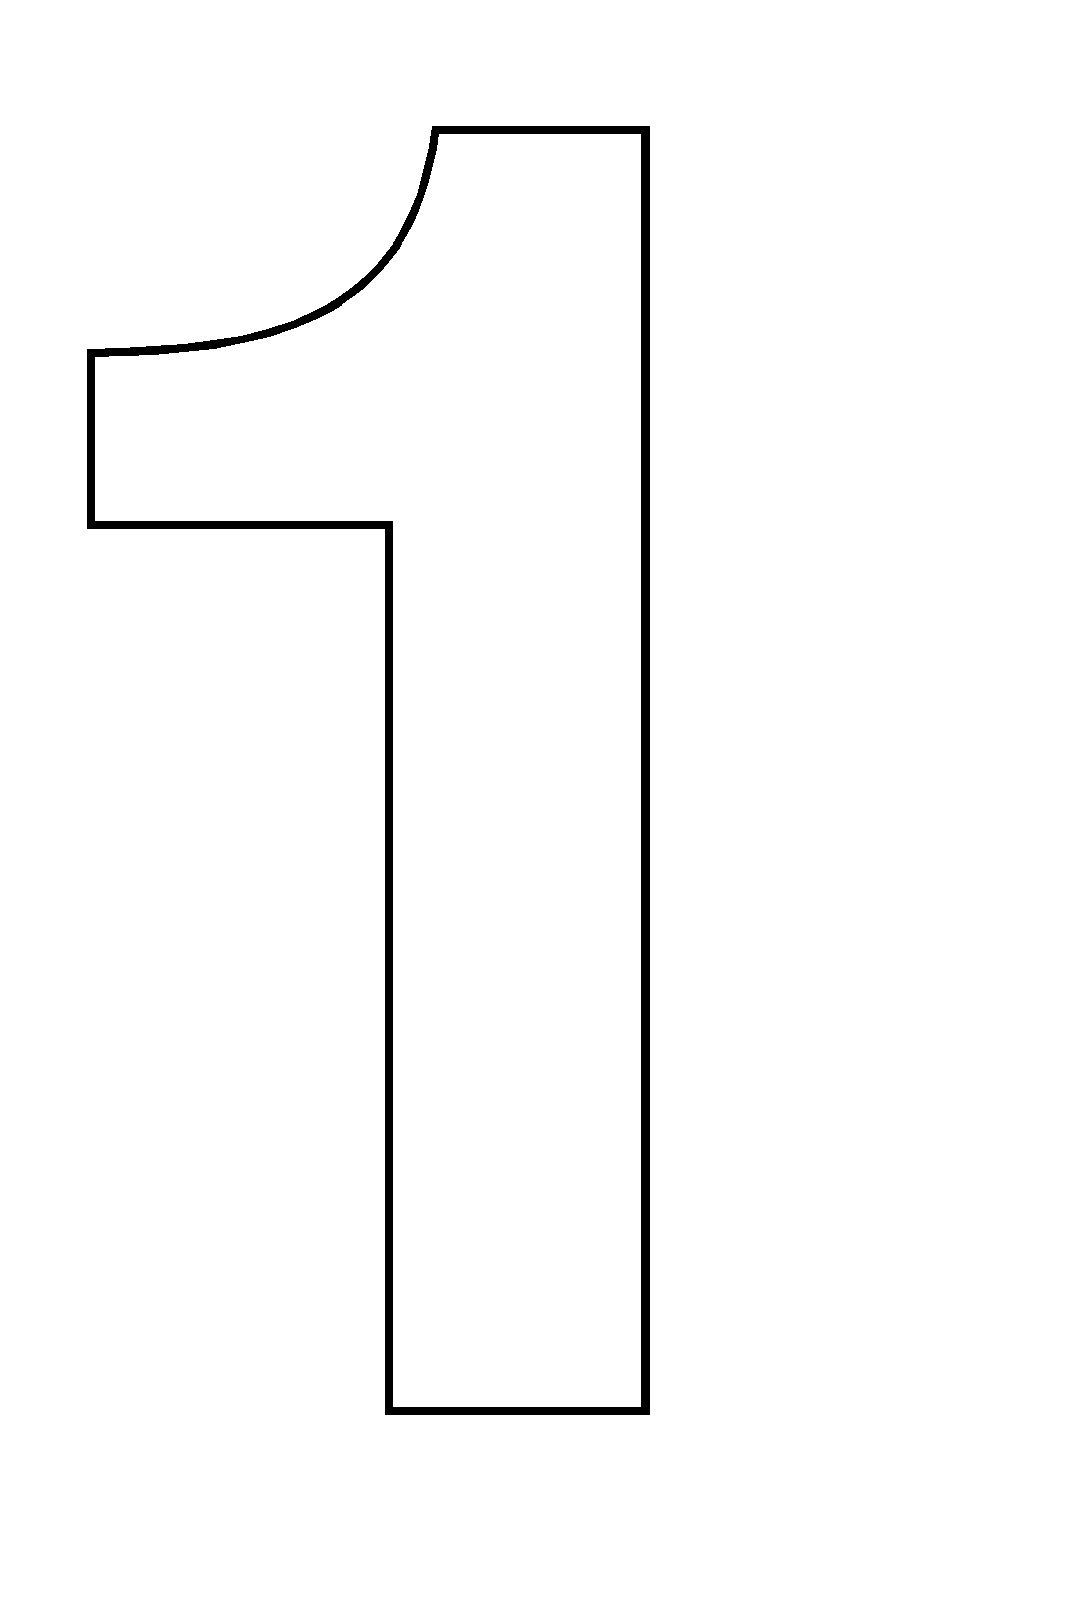 Coloriages imprimer chiffre deux num ro 2825 - Chiffre a imprimer ...